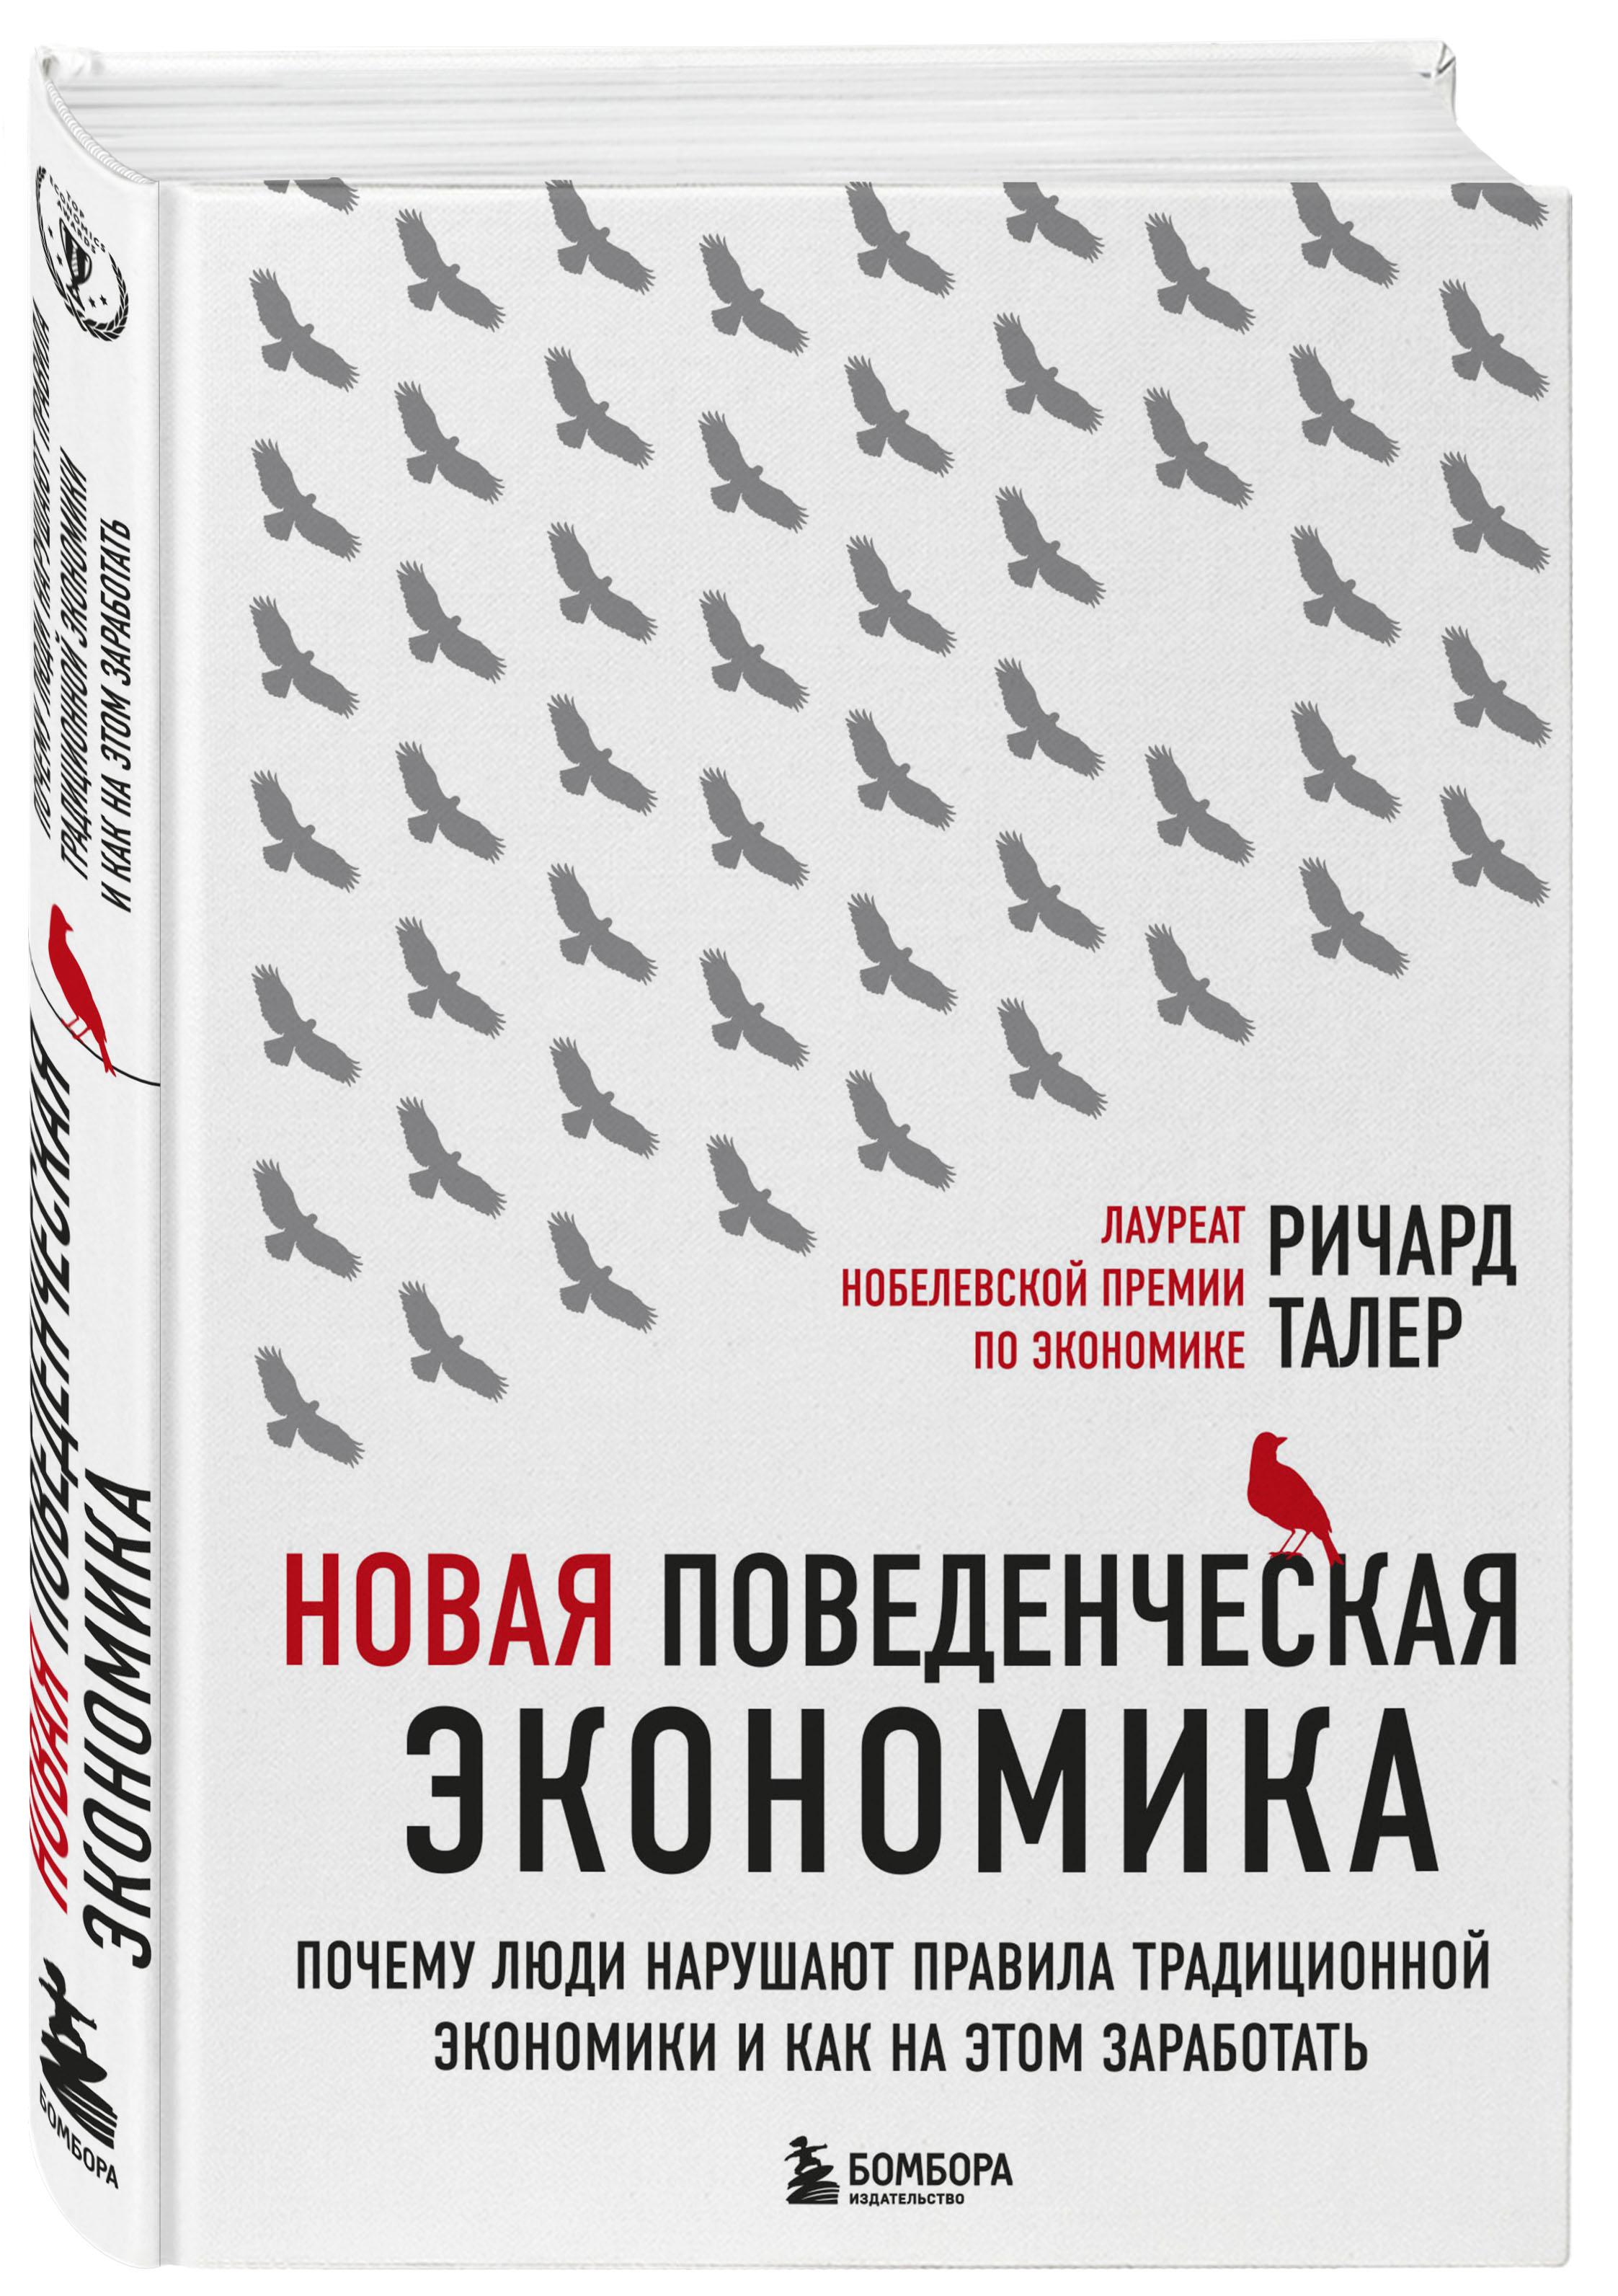 Новая поведенческая экономика. Почему люди нарушают правила традиционной экономики и как на этом заработать (2-е издание) от book24.ru